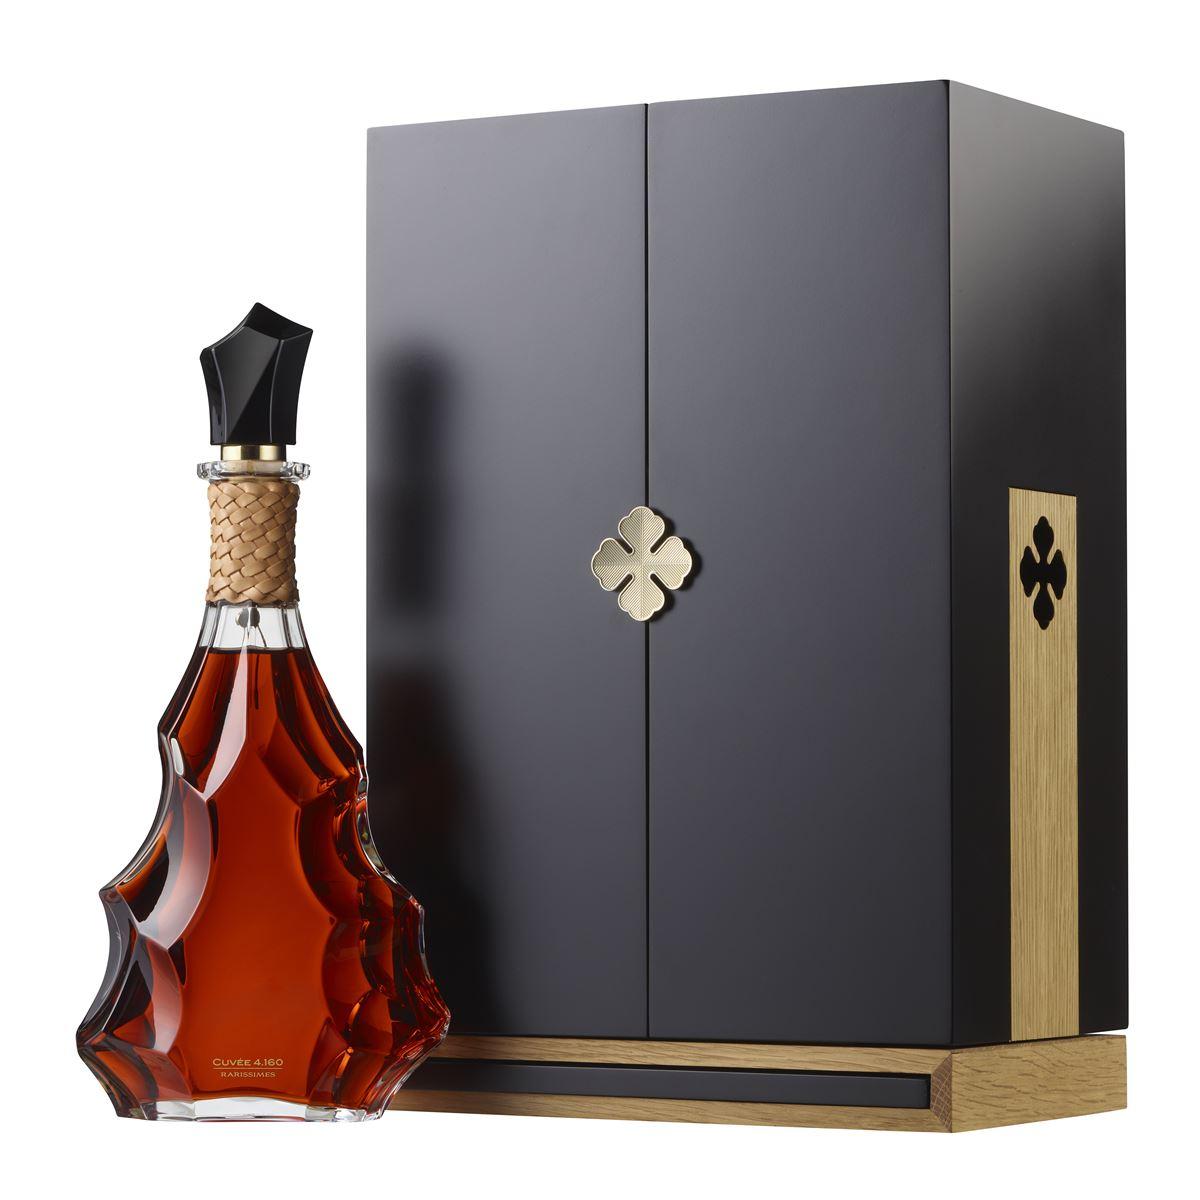 Cognac Camus Cuvée 4.160 Masterpiece Collection Rarissimes cognac AOP brun